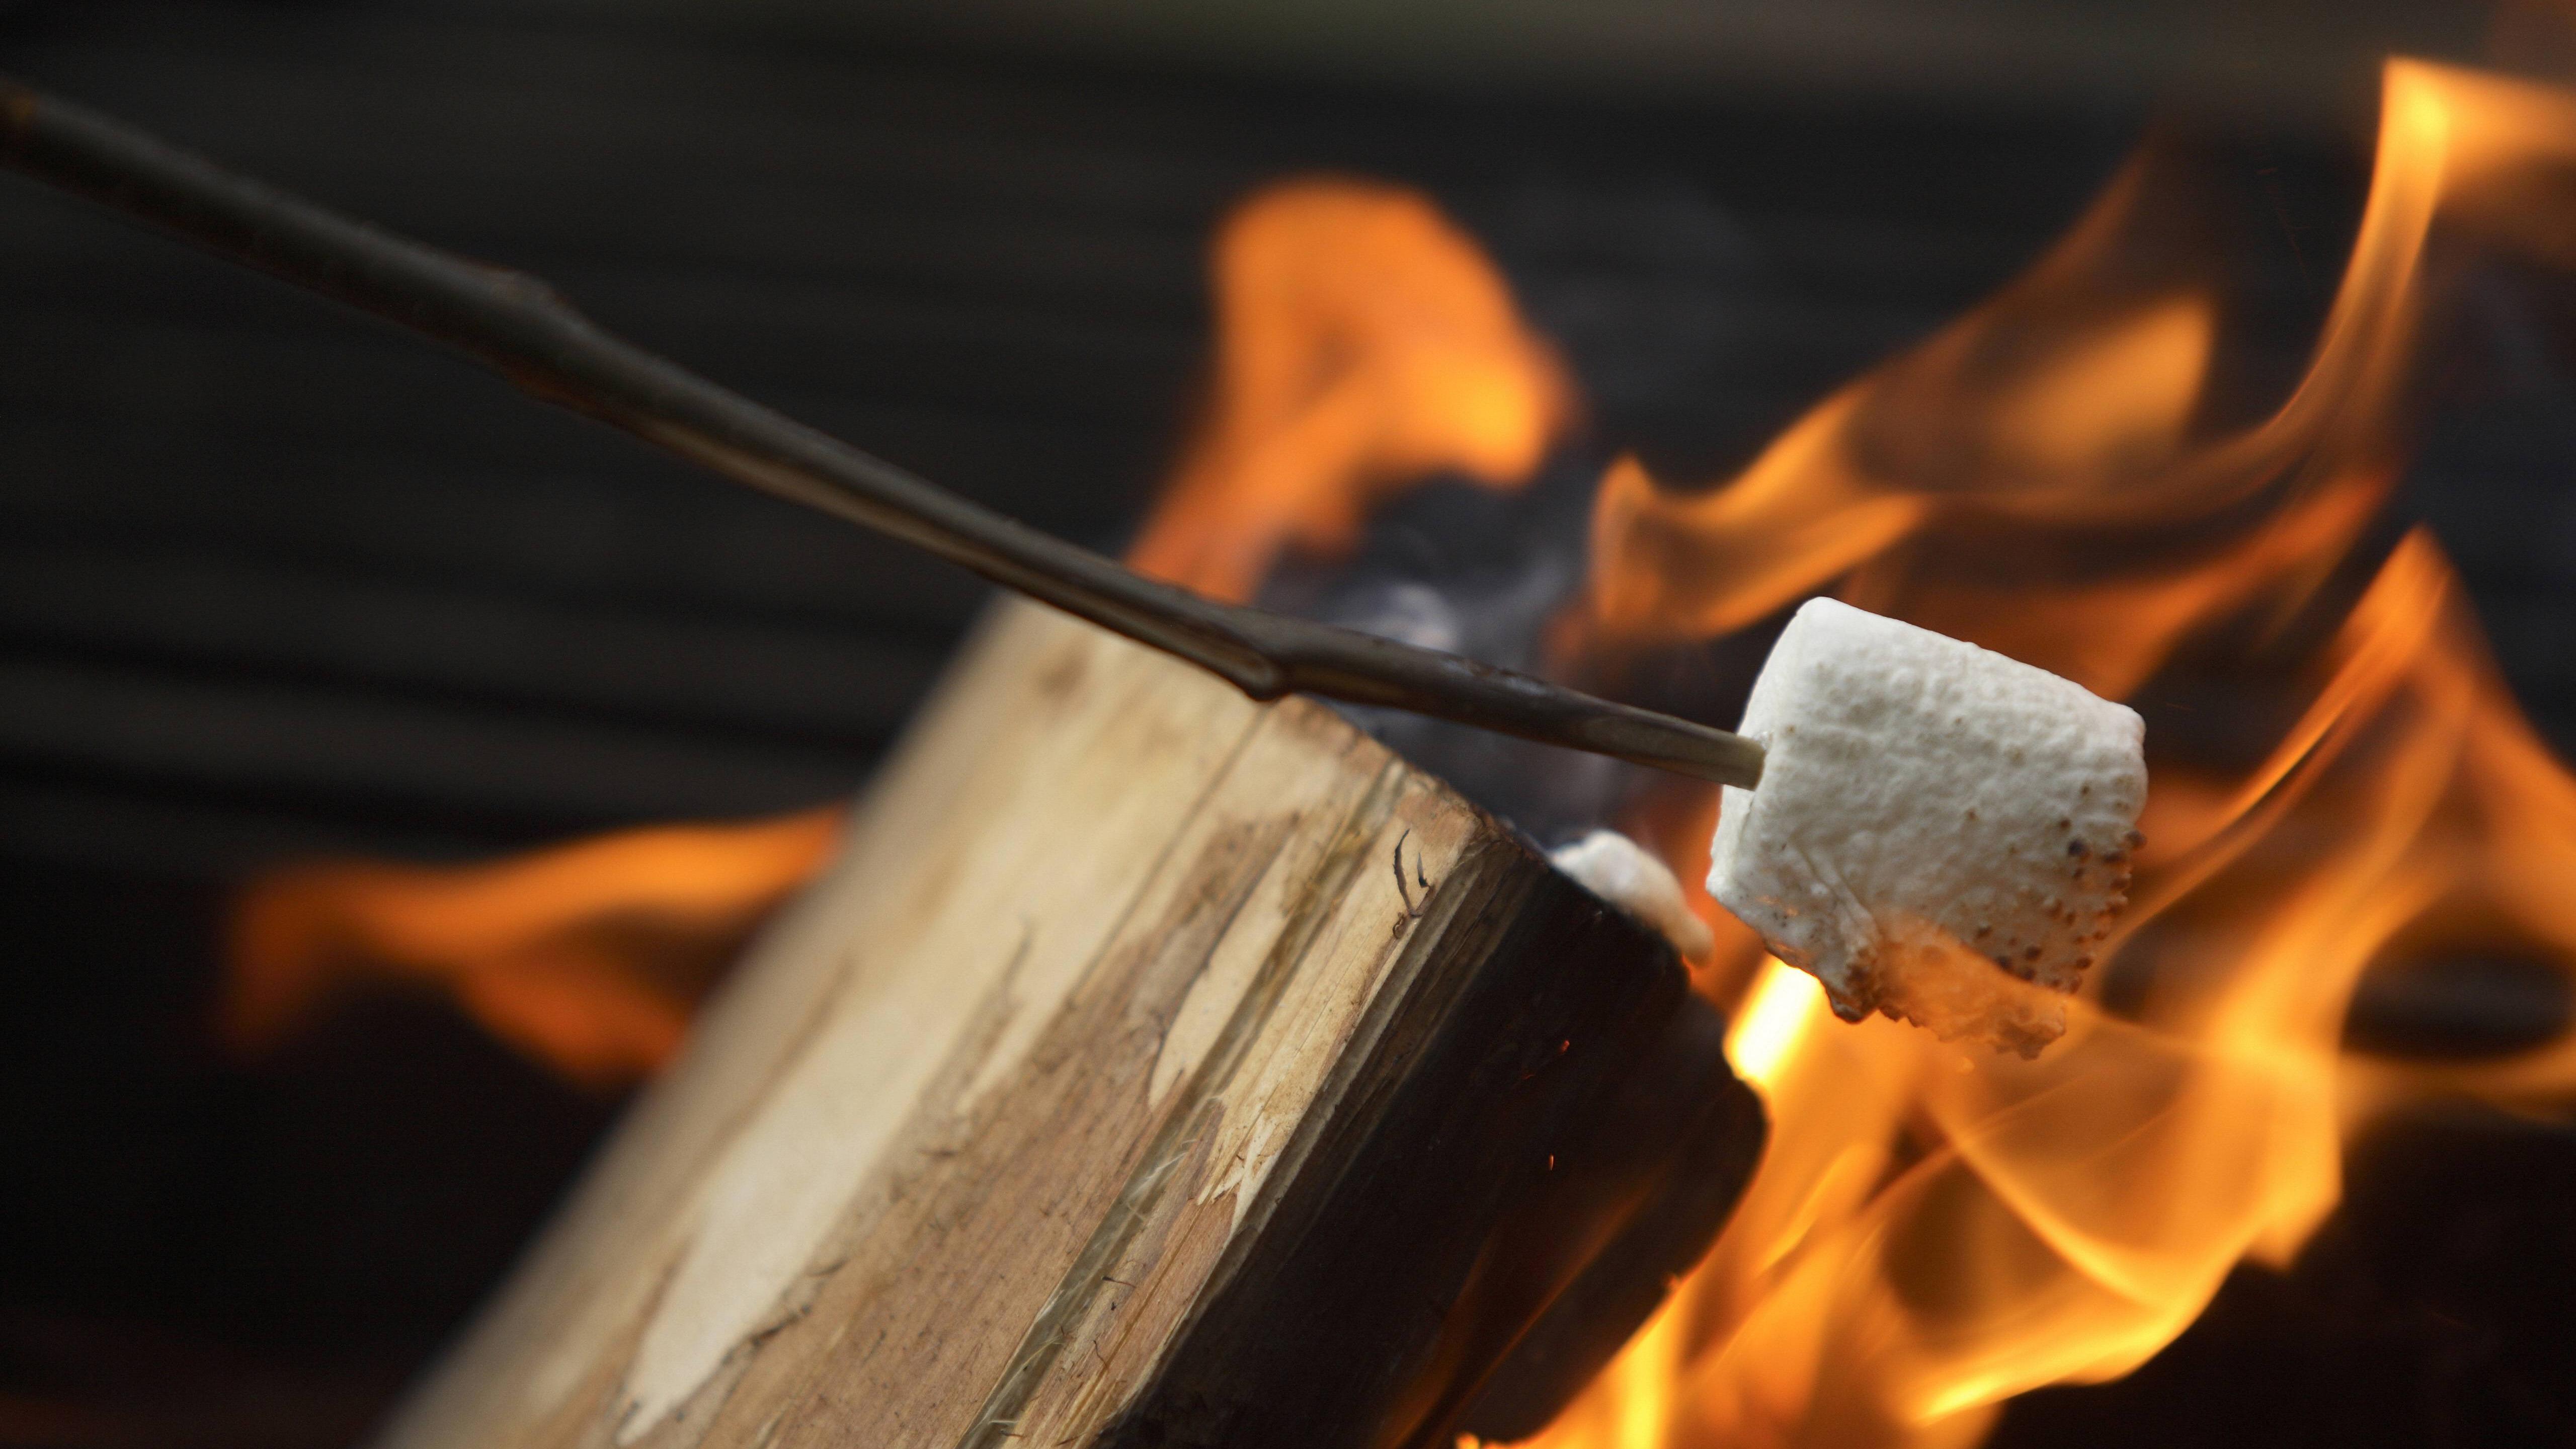 Marshmallow richtig grillen: Die besten Tipps und Tricks